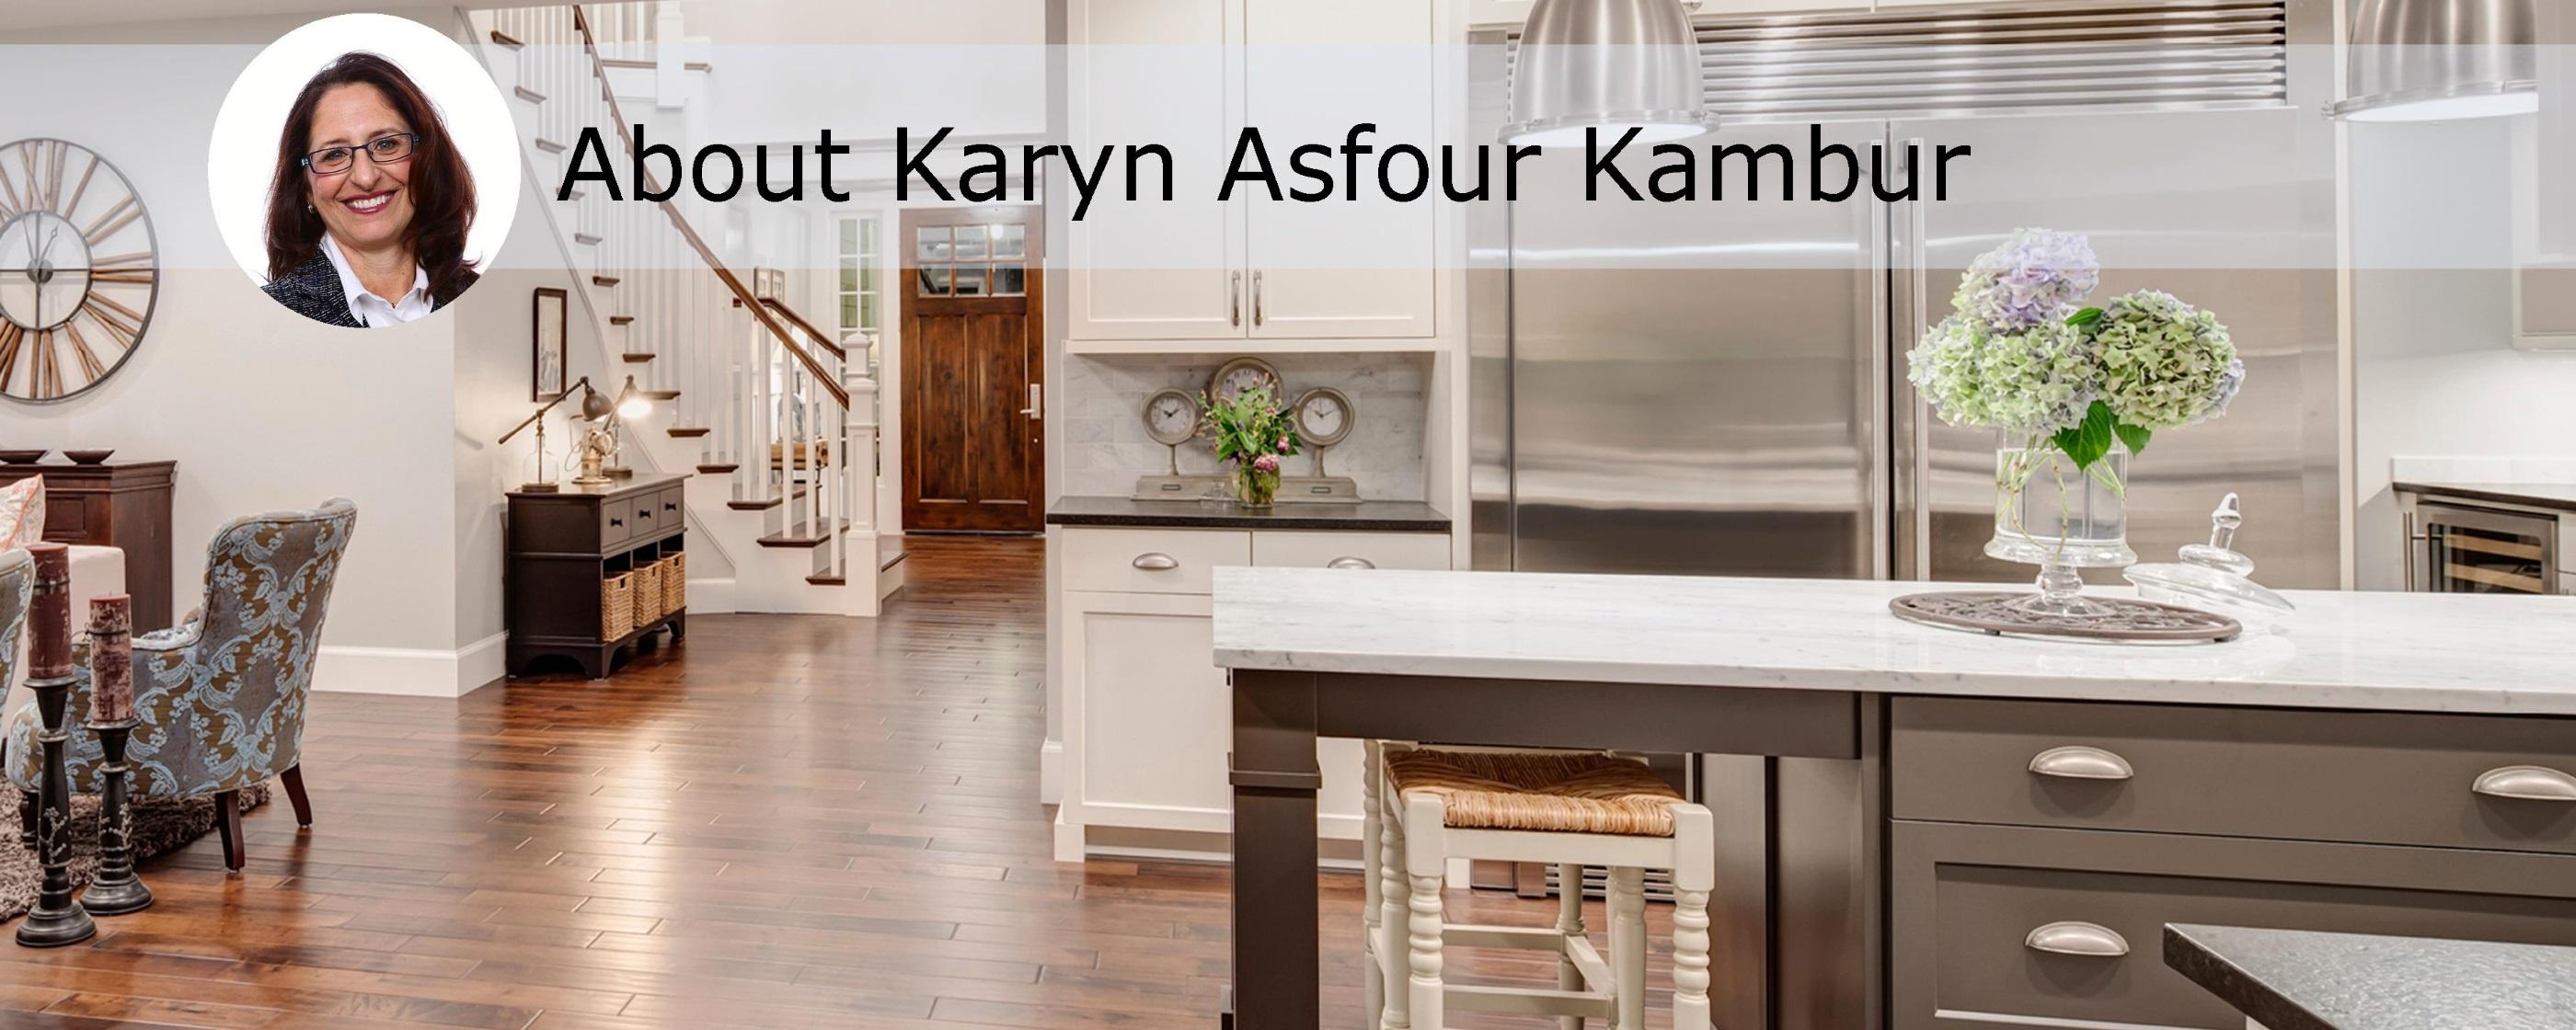 About Karyn Asfour Kambur